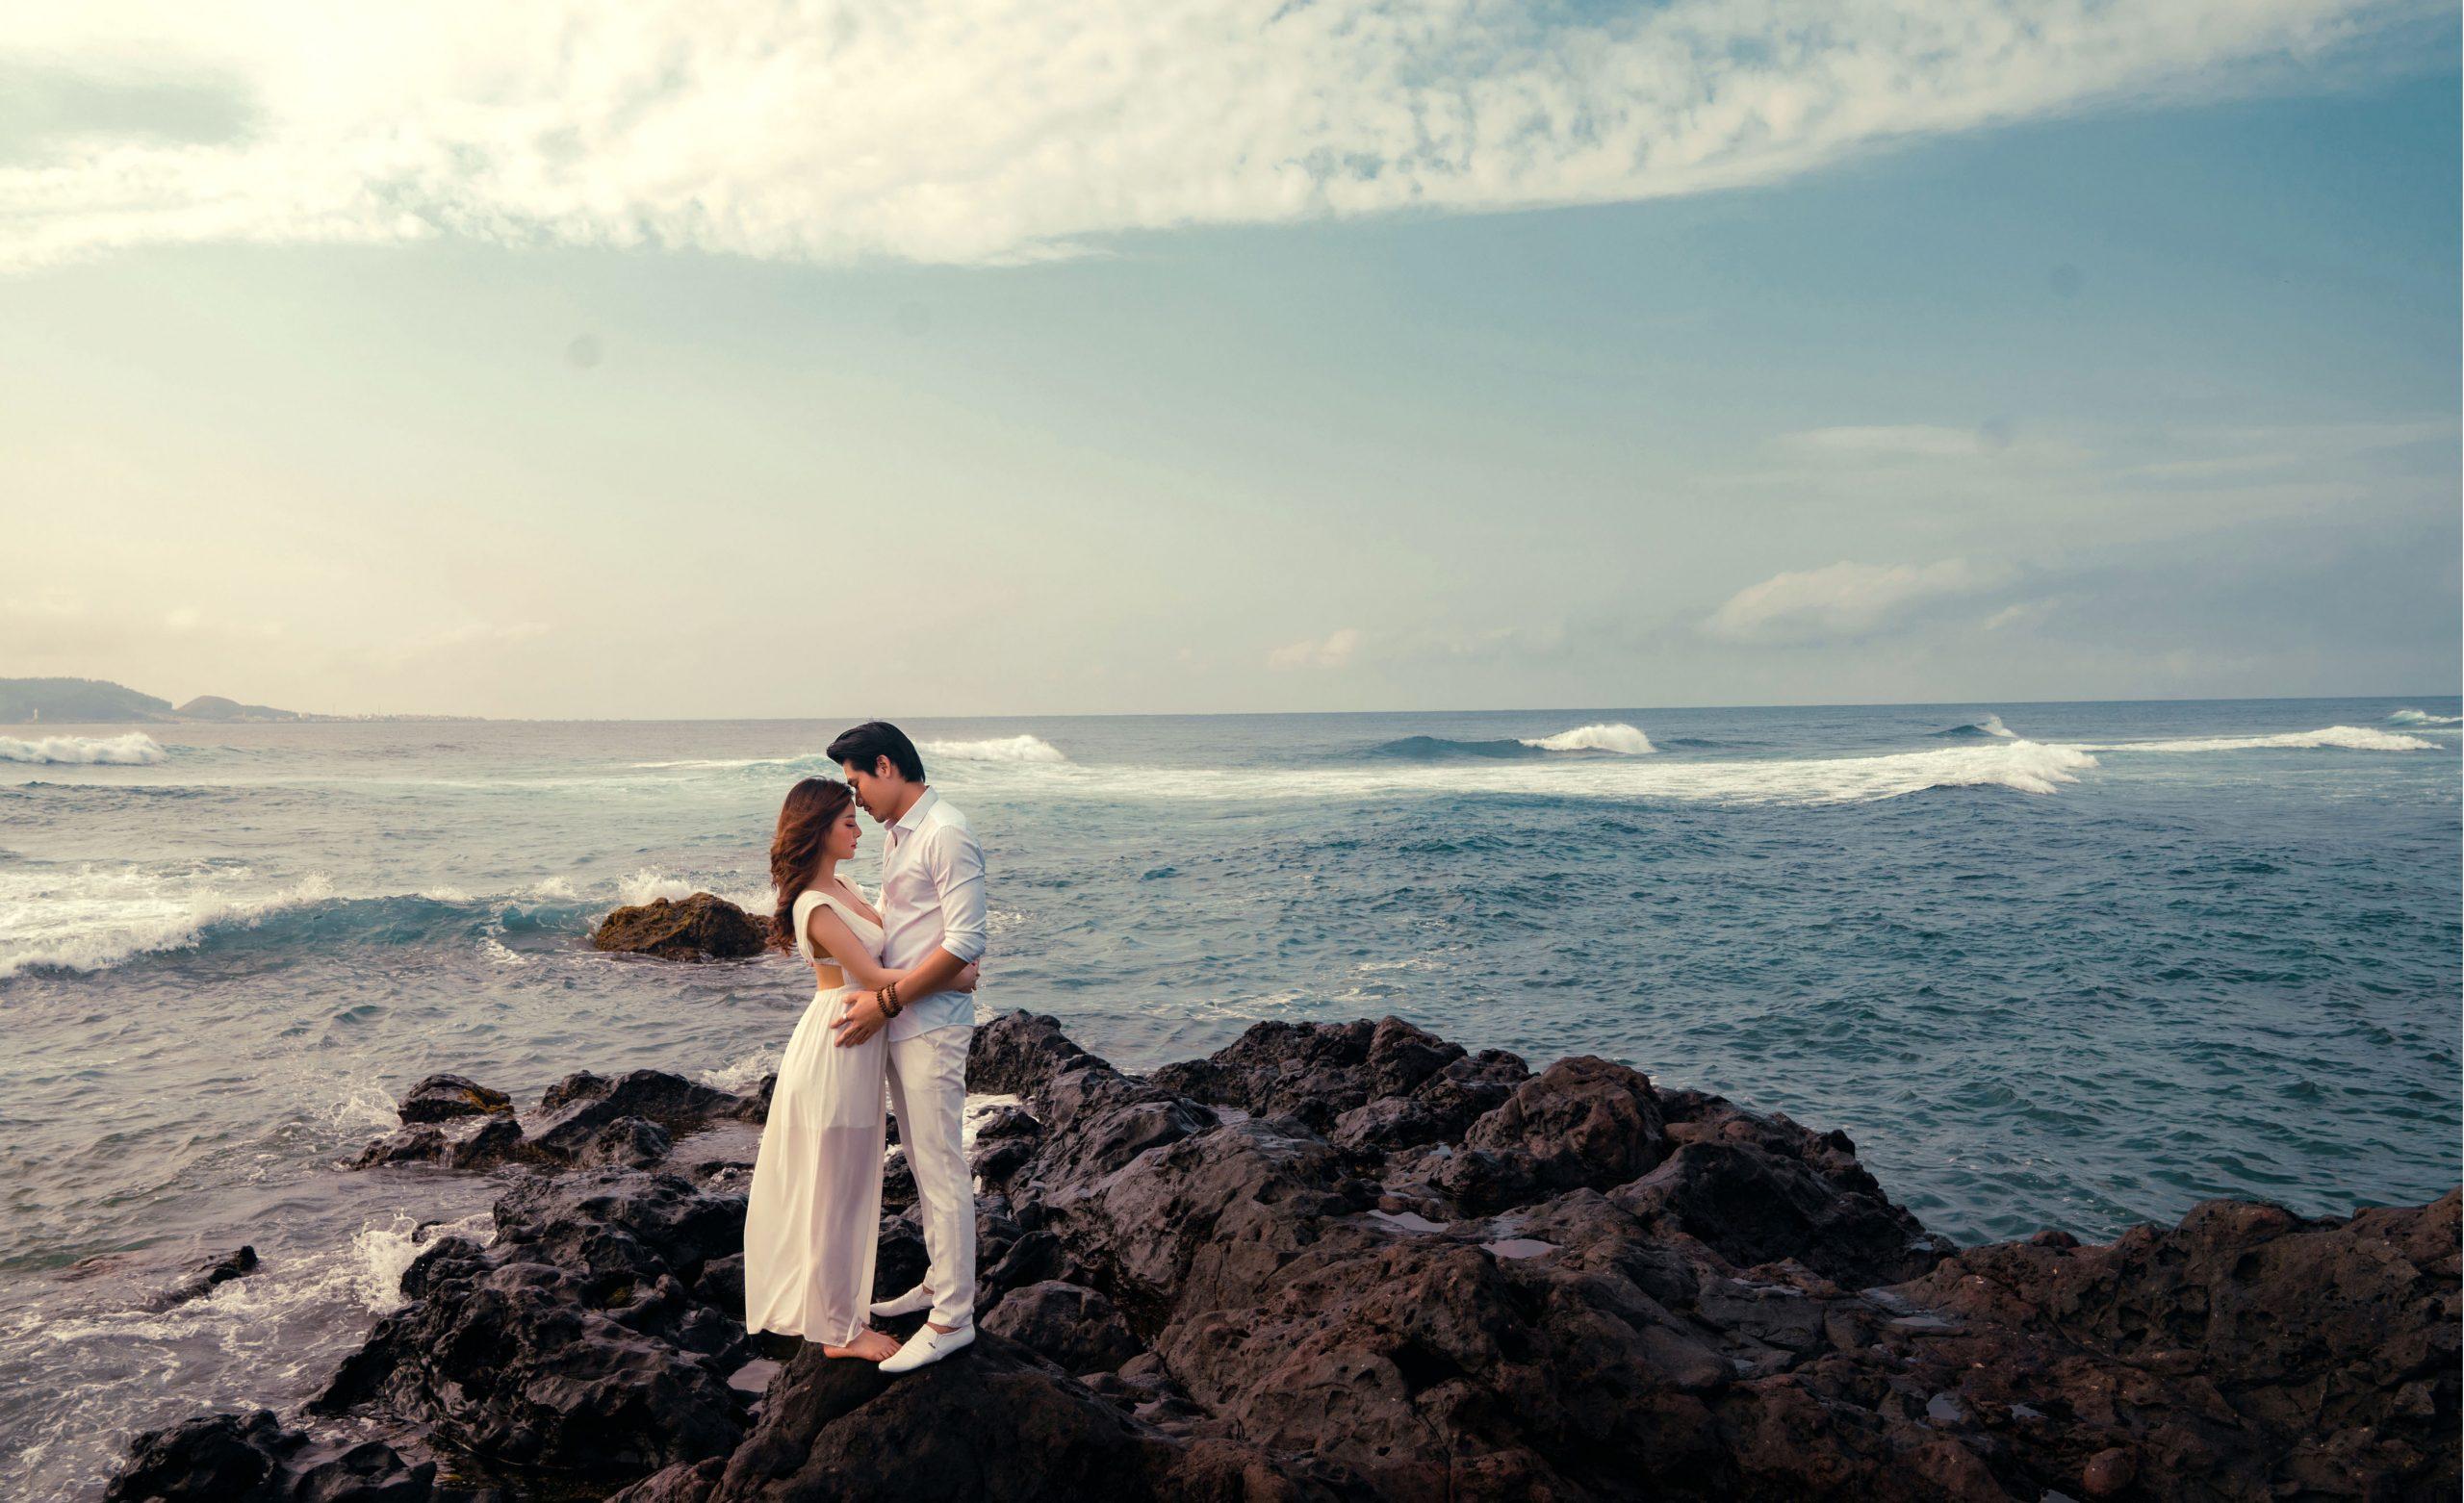 Giải mã sức hút của xu hướng chụp ảnh cưới kết hợp du lịch